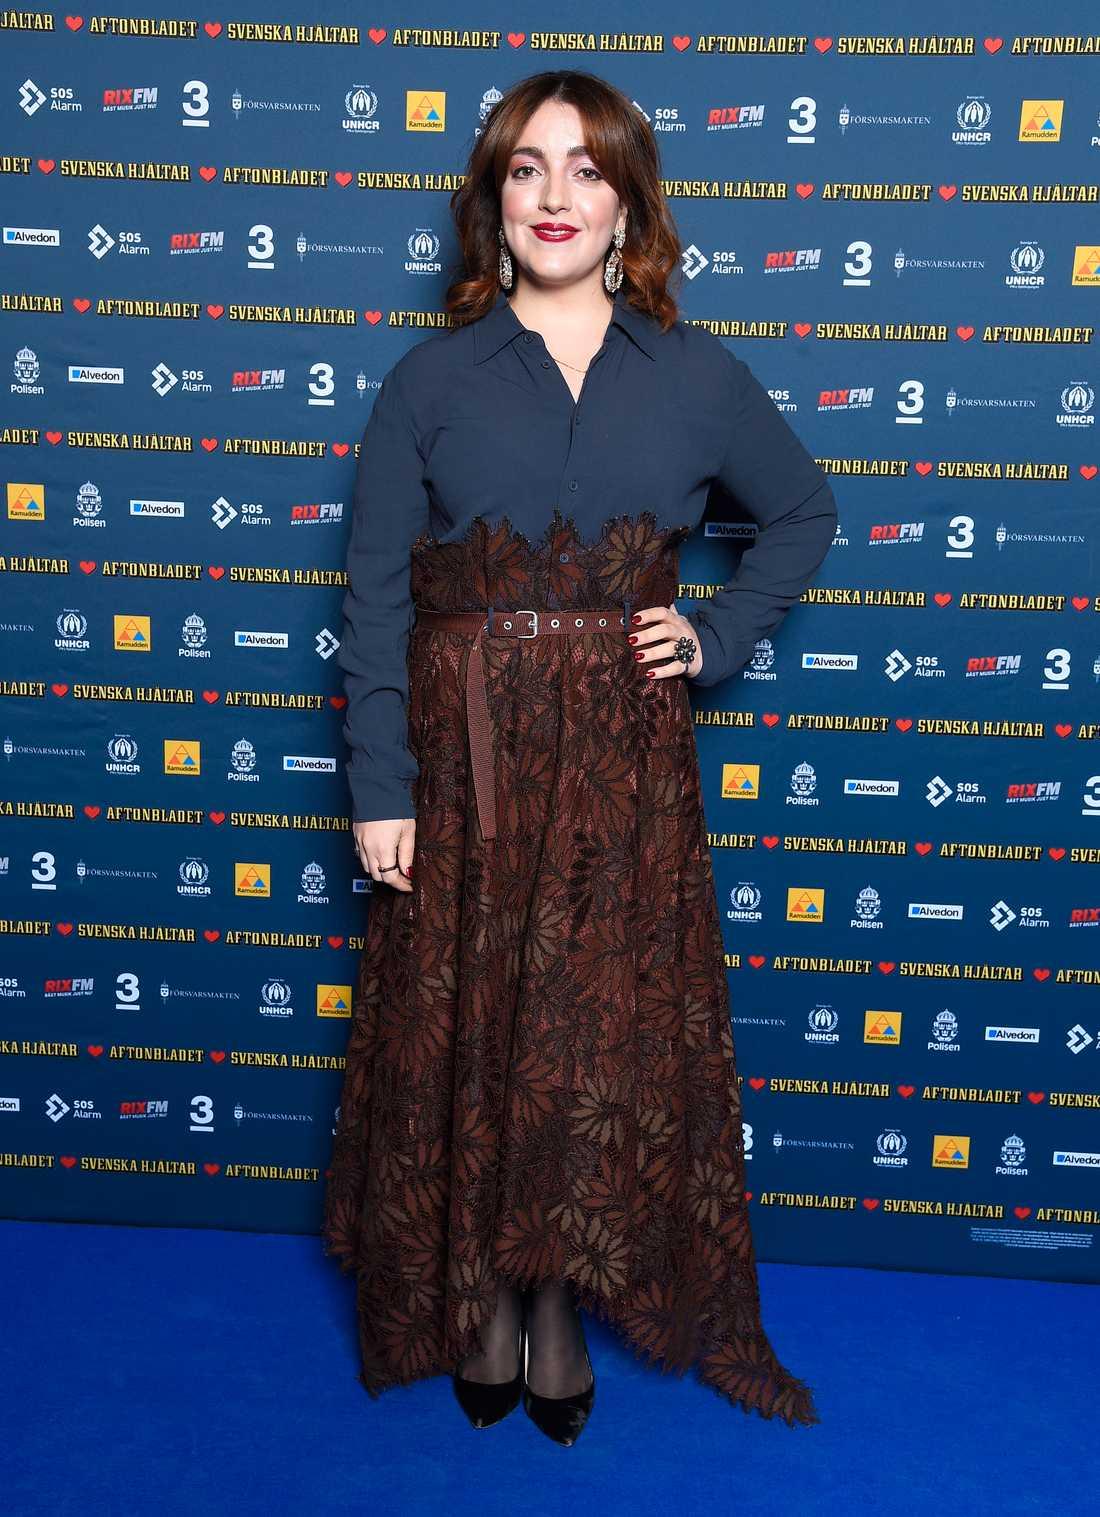 Komikern och skådespelaren Shima Niavarani är ny i Svenska Hjältar jury, och har visat ett oerhört engagemang för hjältehistorierna.